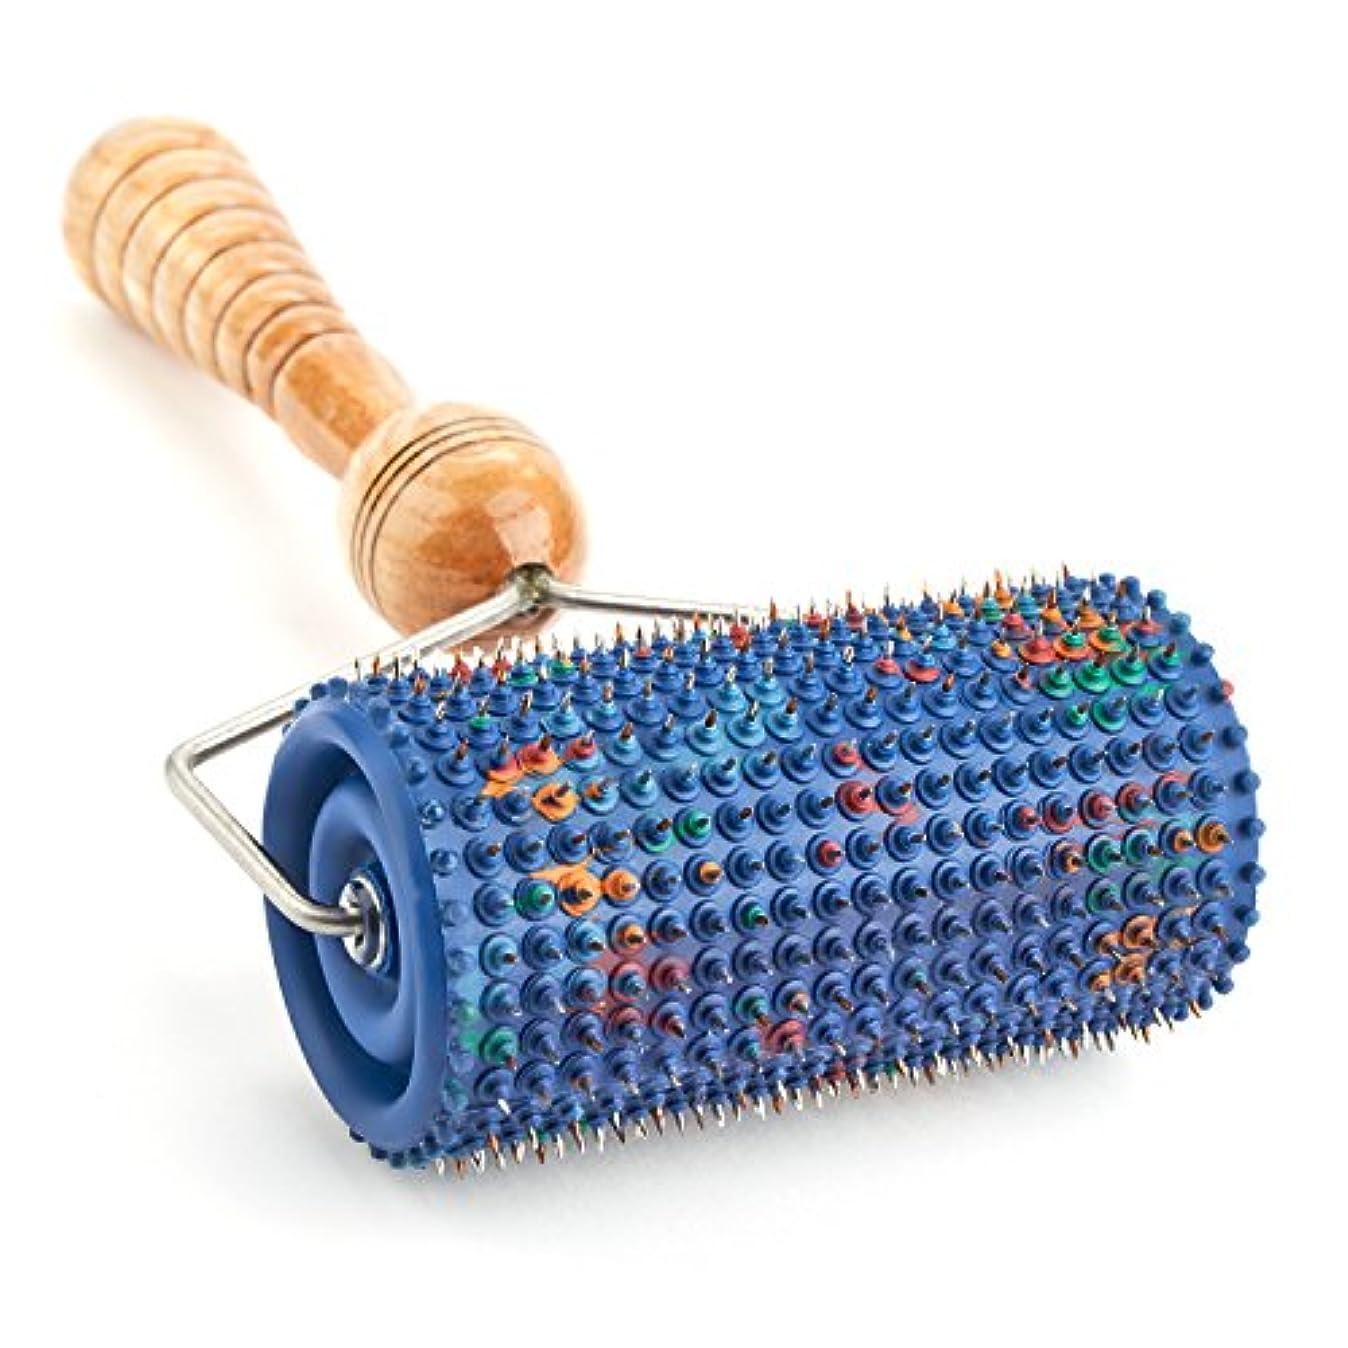 質素な砲兵刻むLYAPKOビッグローラーマッサージャー5.0 シルバーコーティング 指圧570針使用。体の広範囲のマッサージ用。ユニークなアプリケーター治療 セルフ ダイナミック マッサージ ツール Big Roller Massager...